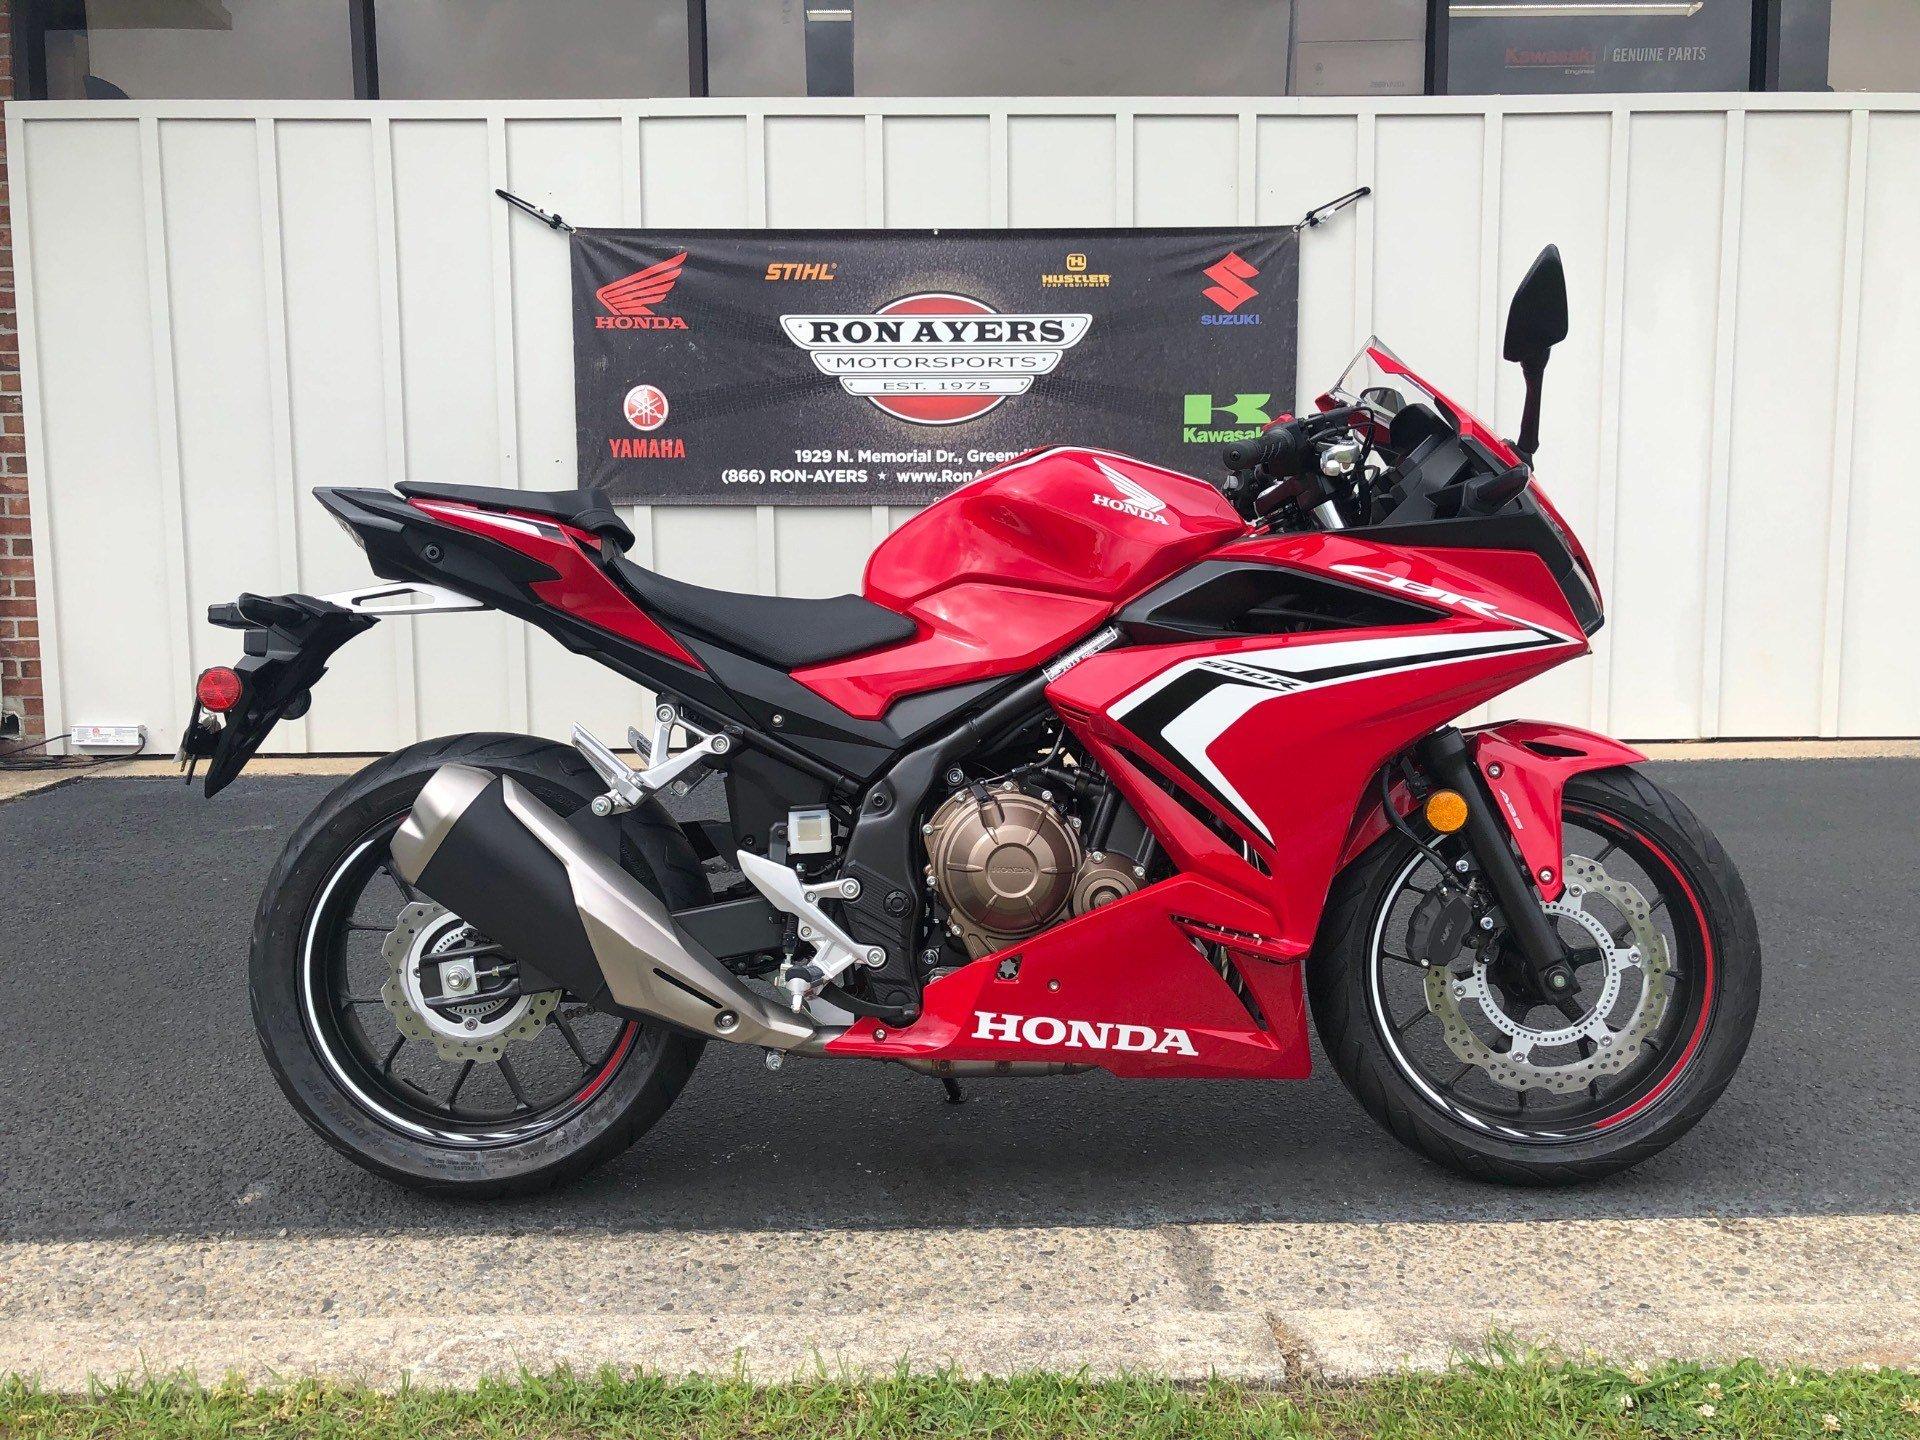 Honda Greenville Nc >> New 2019 Honda CBR500R ABS Motorcycles in Greenville, NC ...